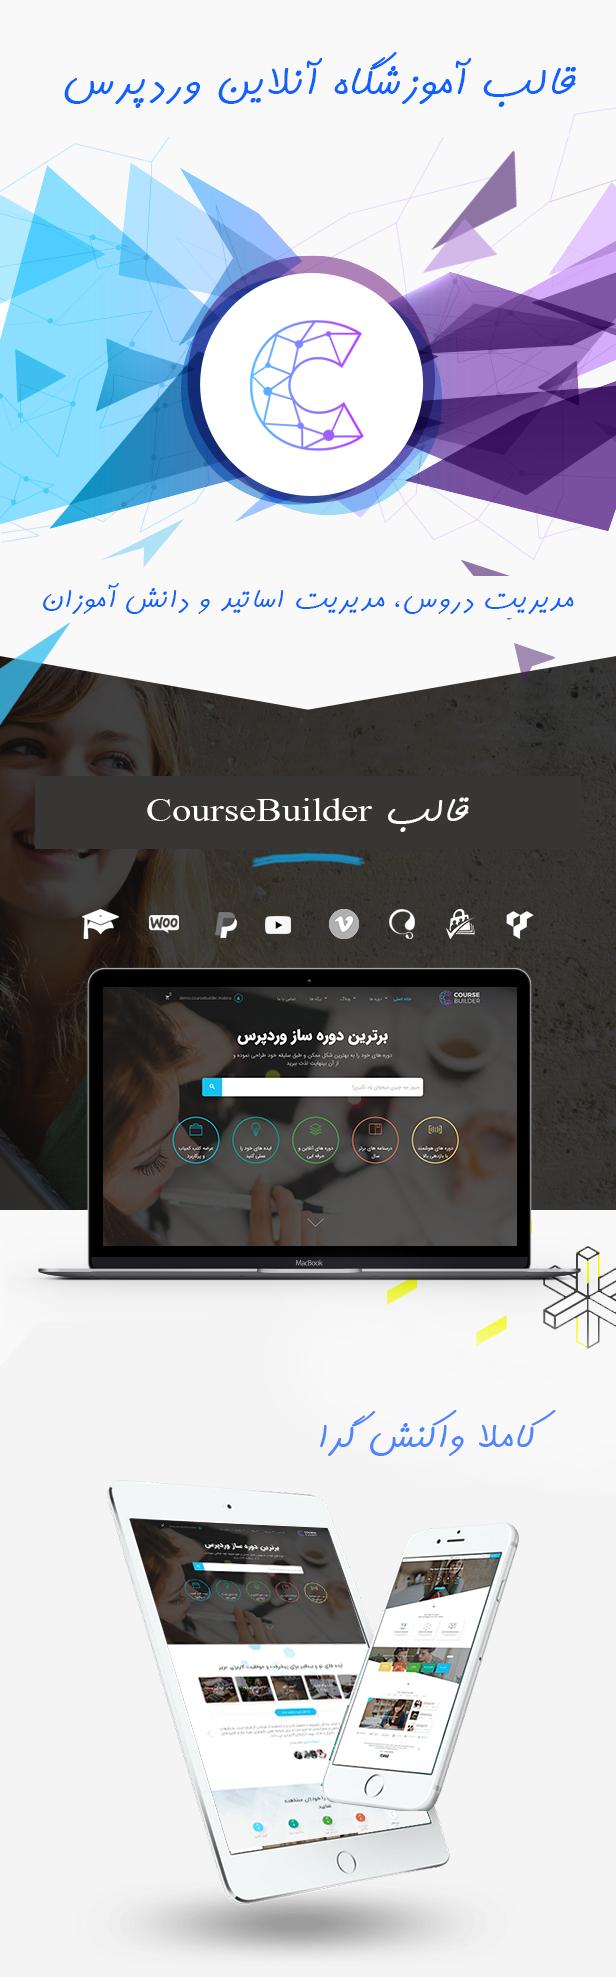 قالب Course Builder